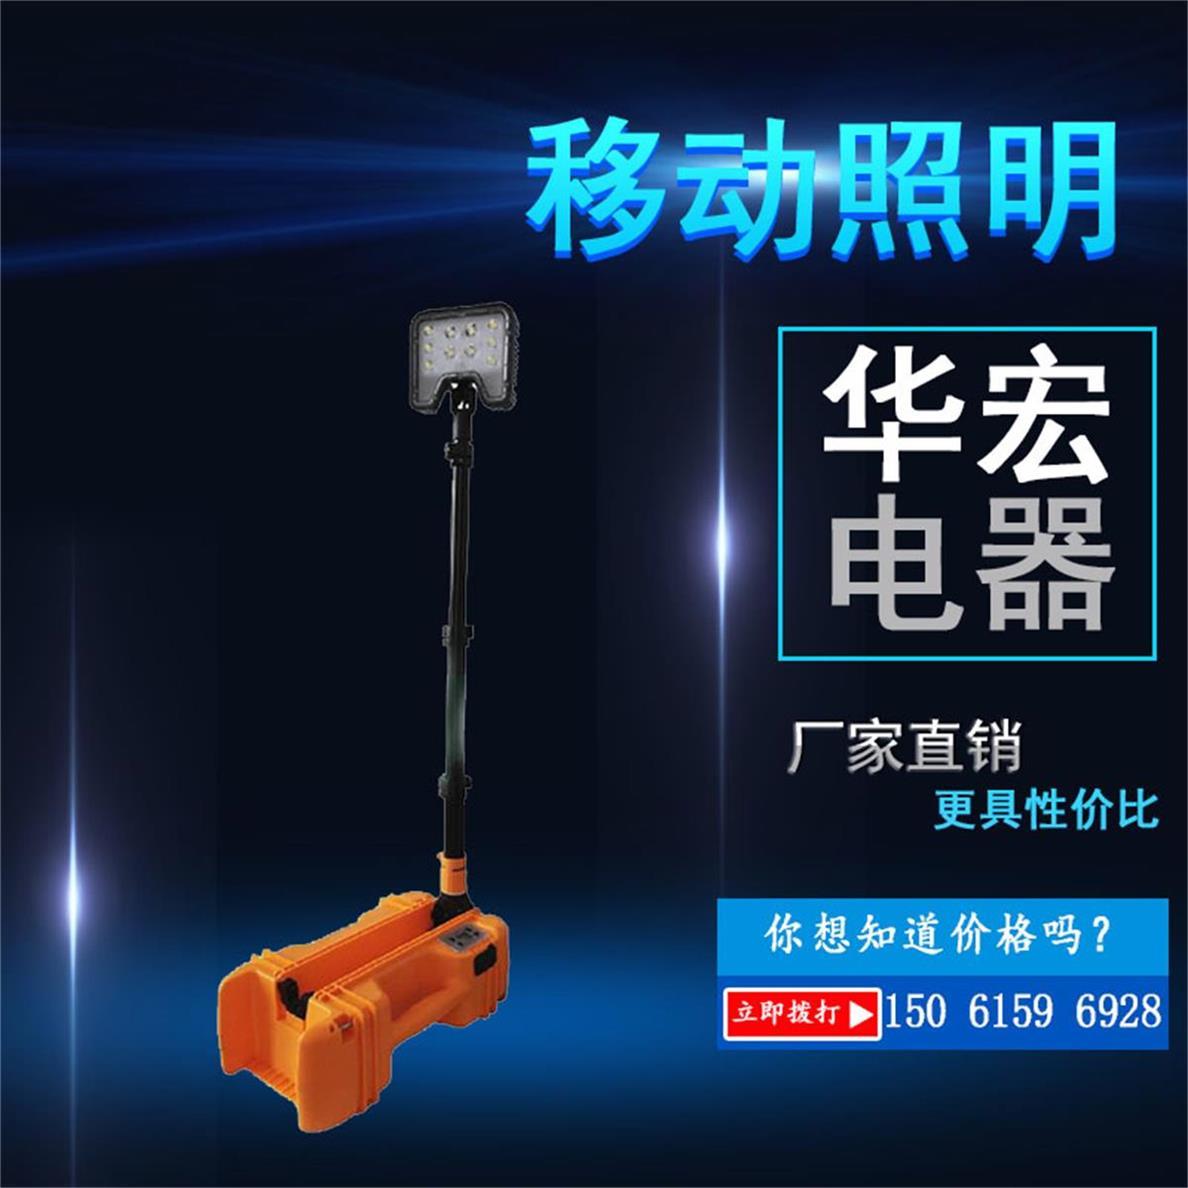 轻便式移动灯_轻便式移动灯价格_轻便式移动灯型号